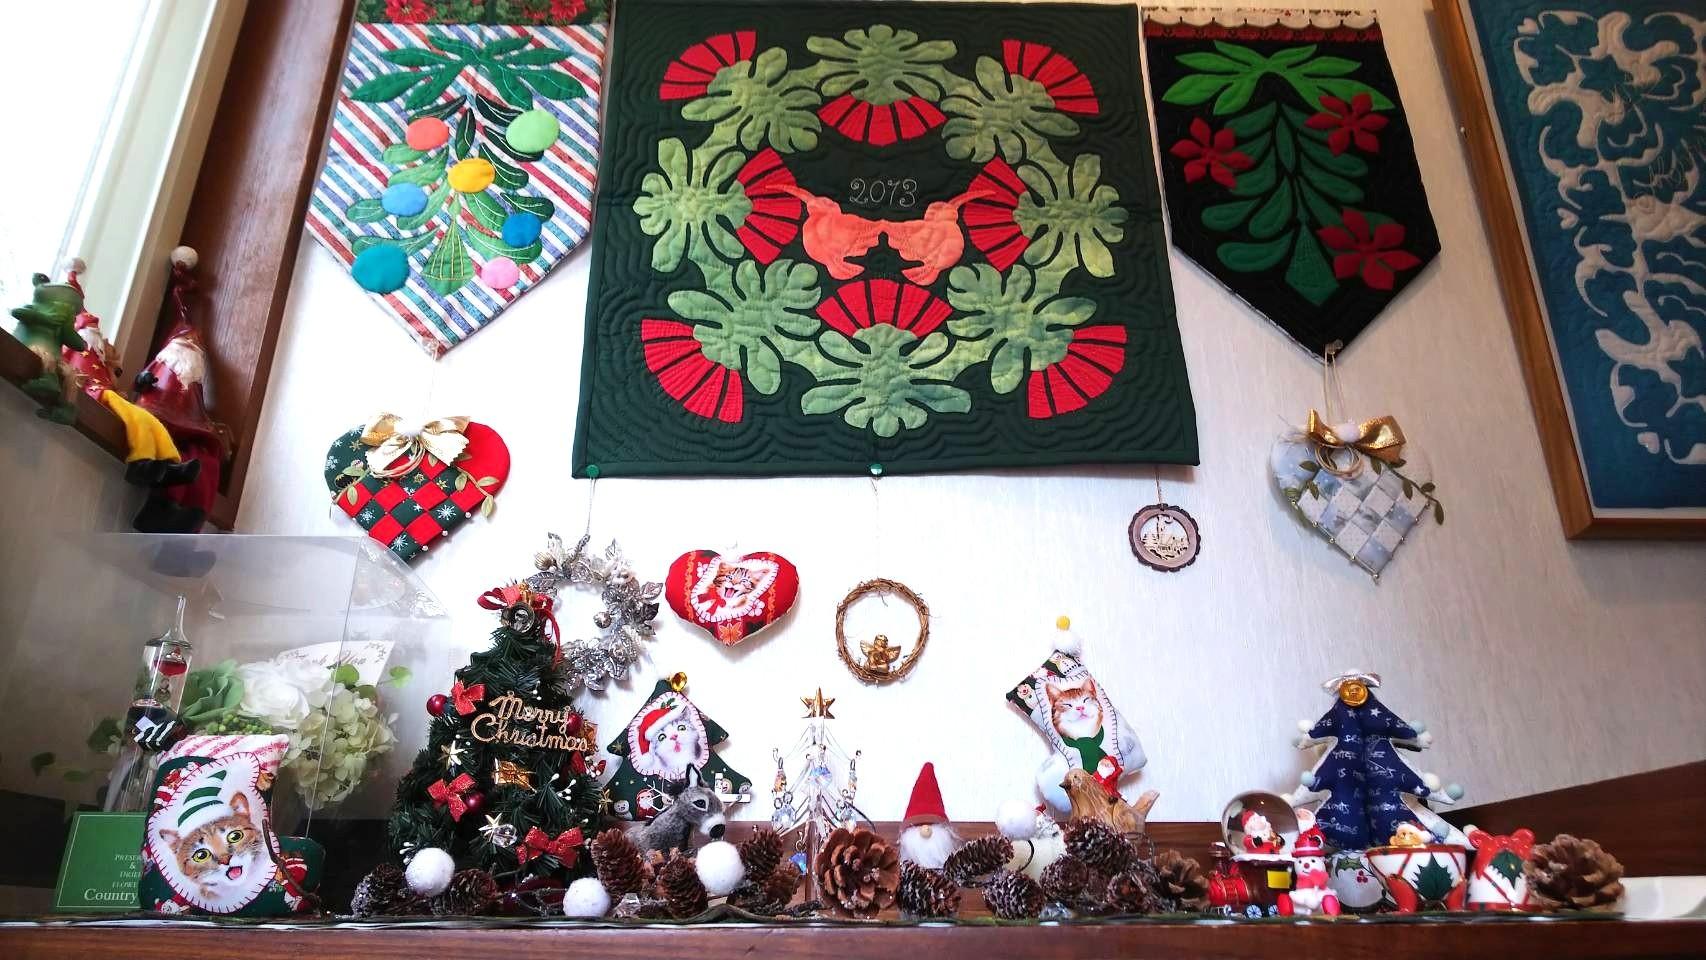 クリスマスディスプレイ nkさん_f0171209_09392112.jpg